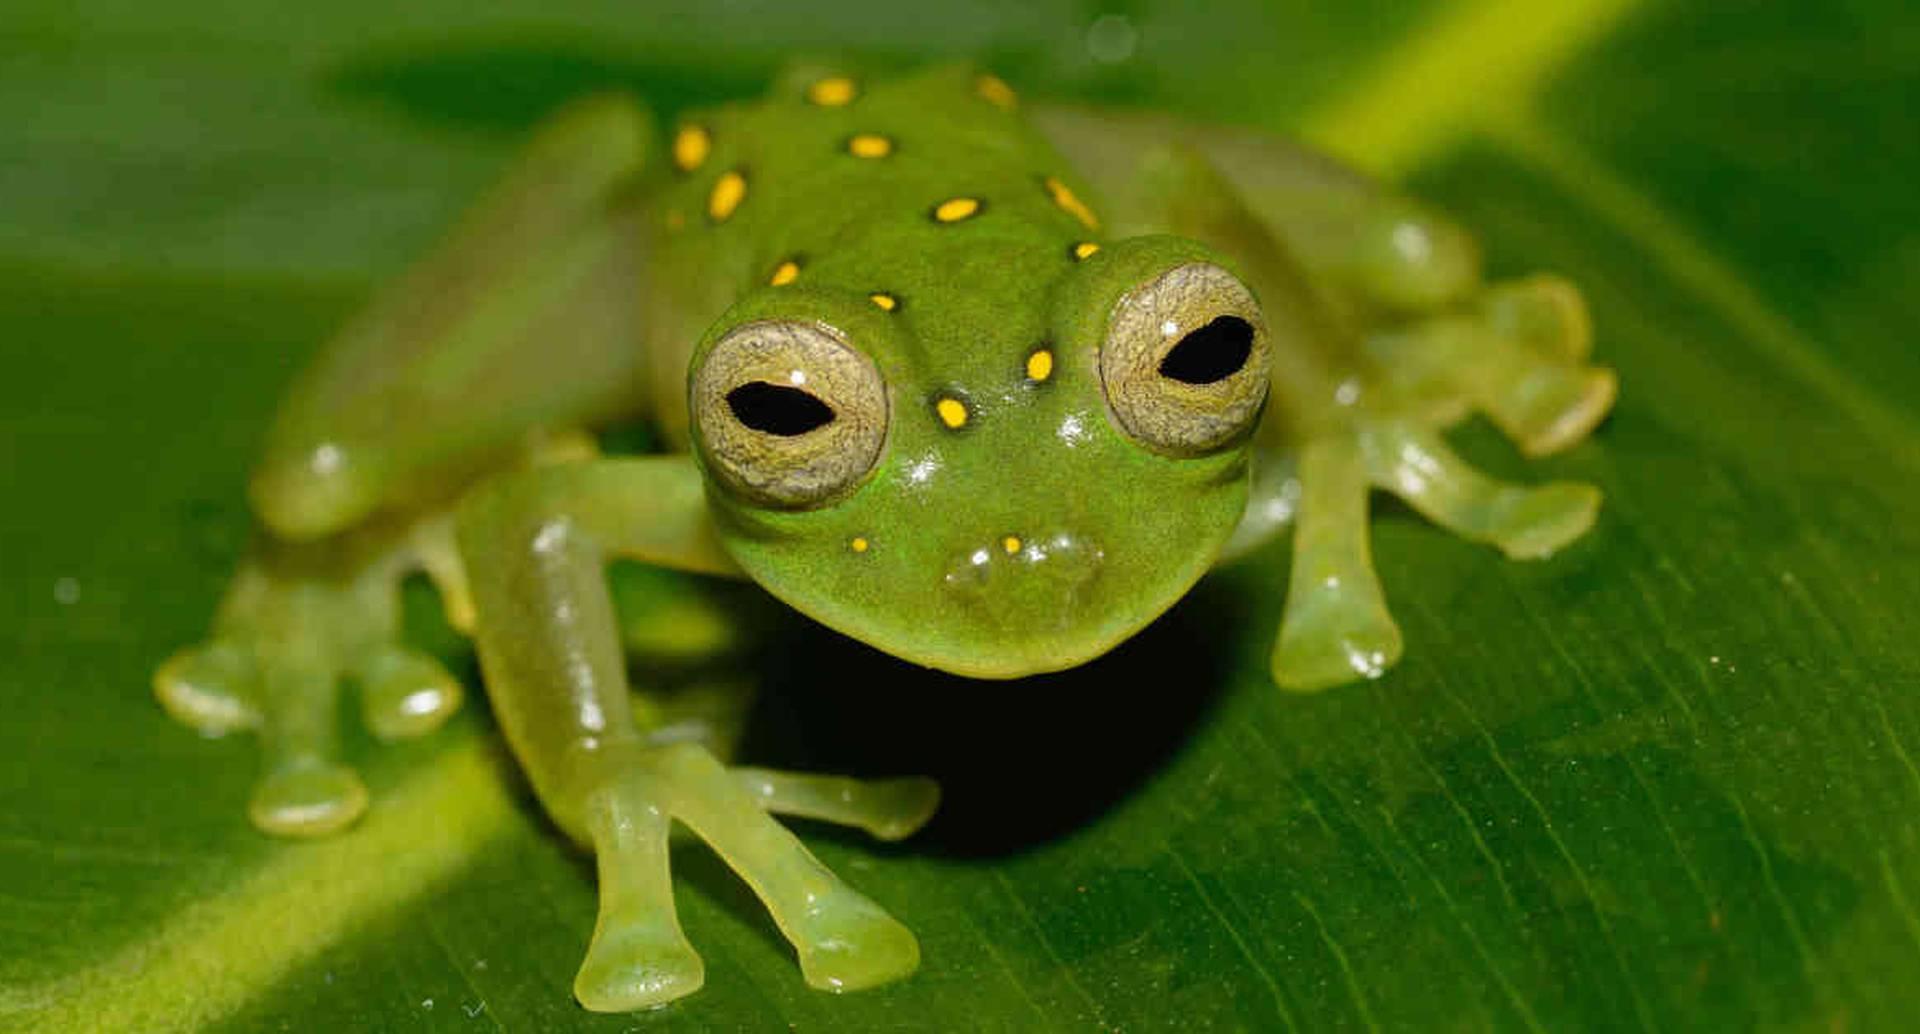 Los anfibios, como las ranas, se encuentran en el grupo de animales muy vulnerables a extinguirse por el aumento de las temperaturas y los cambios en su hábitat. Foto: WCS Colombia.